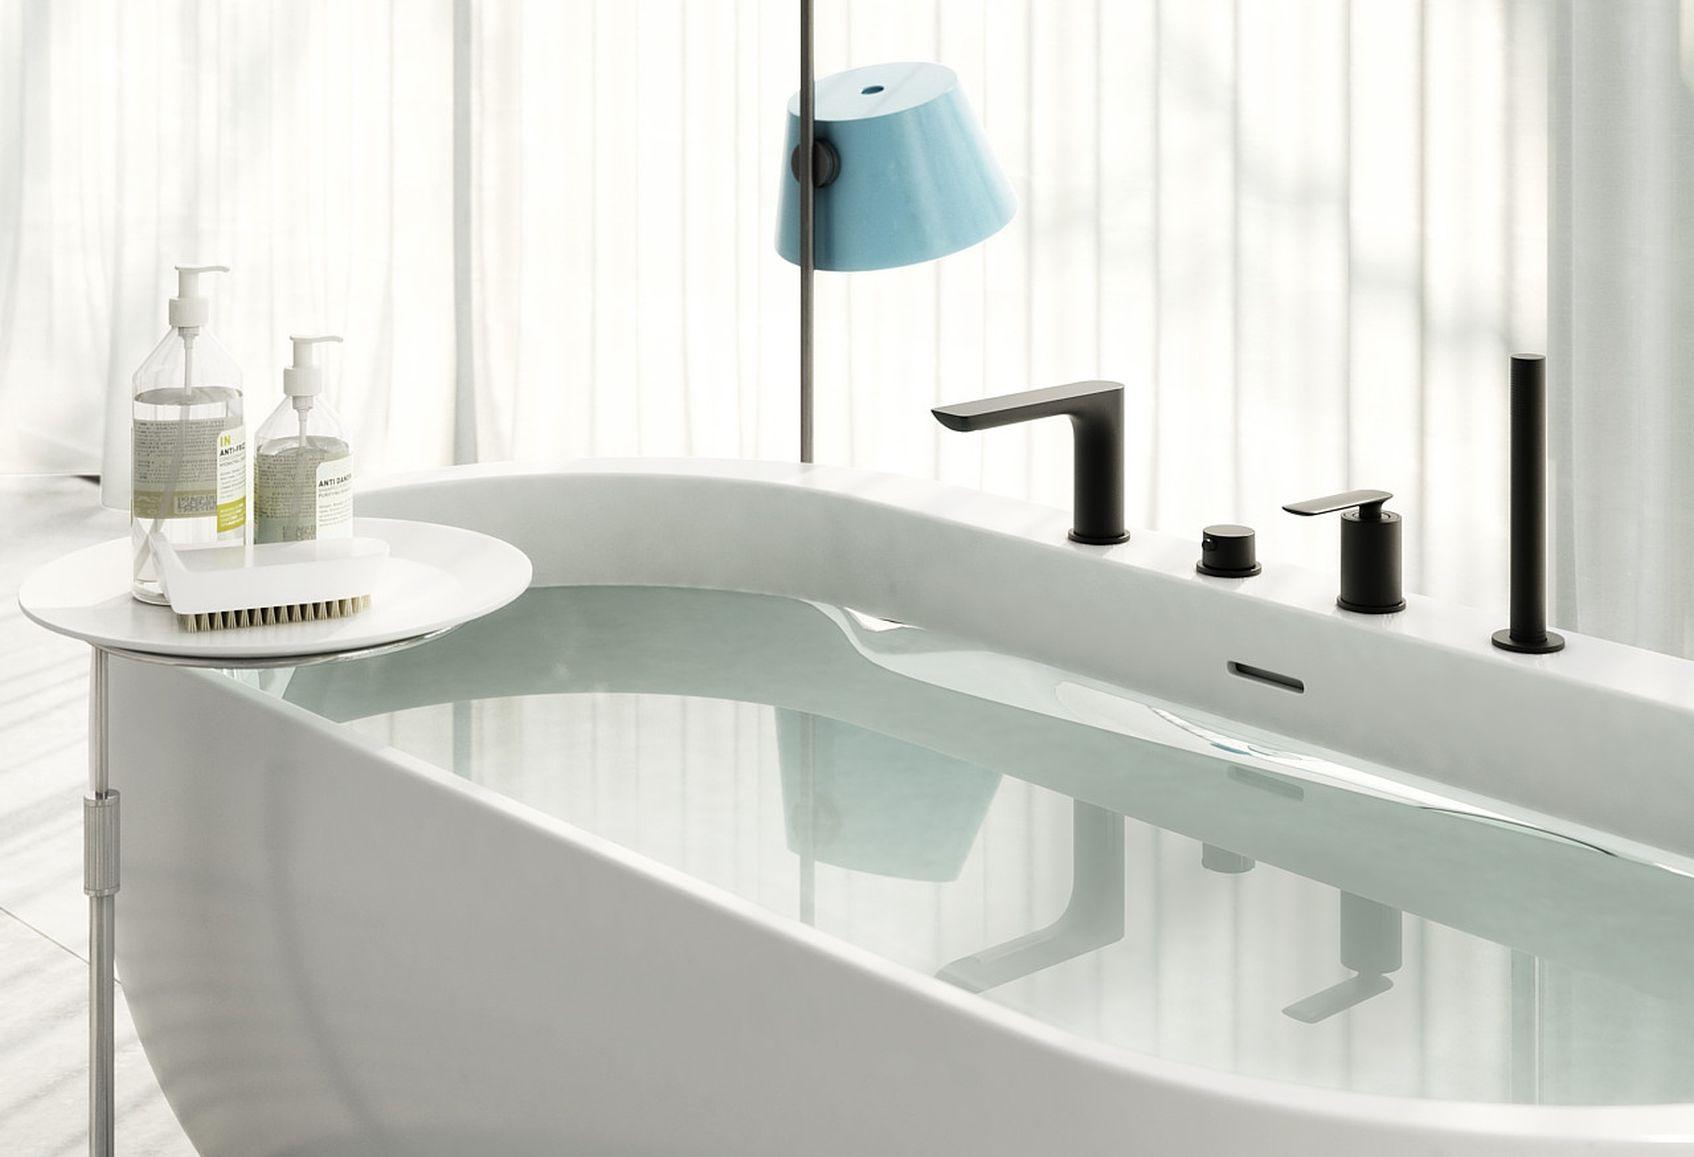 łazienka 2019 2020 Aranżacje Trendy Inspiracje Modna